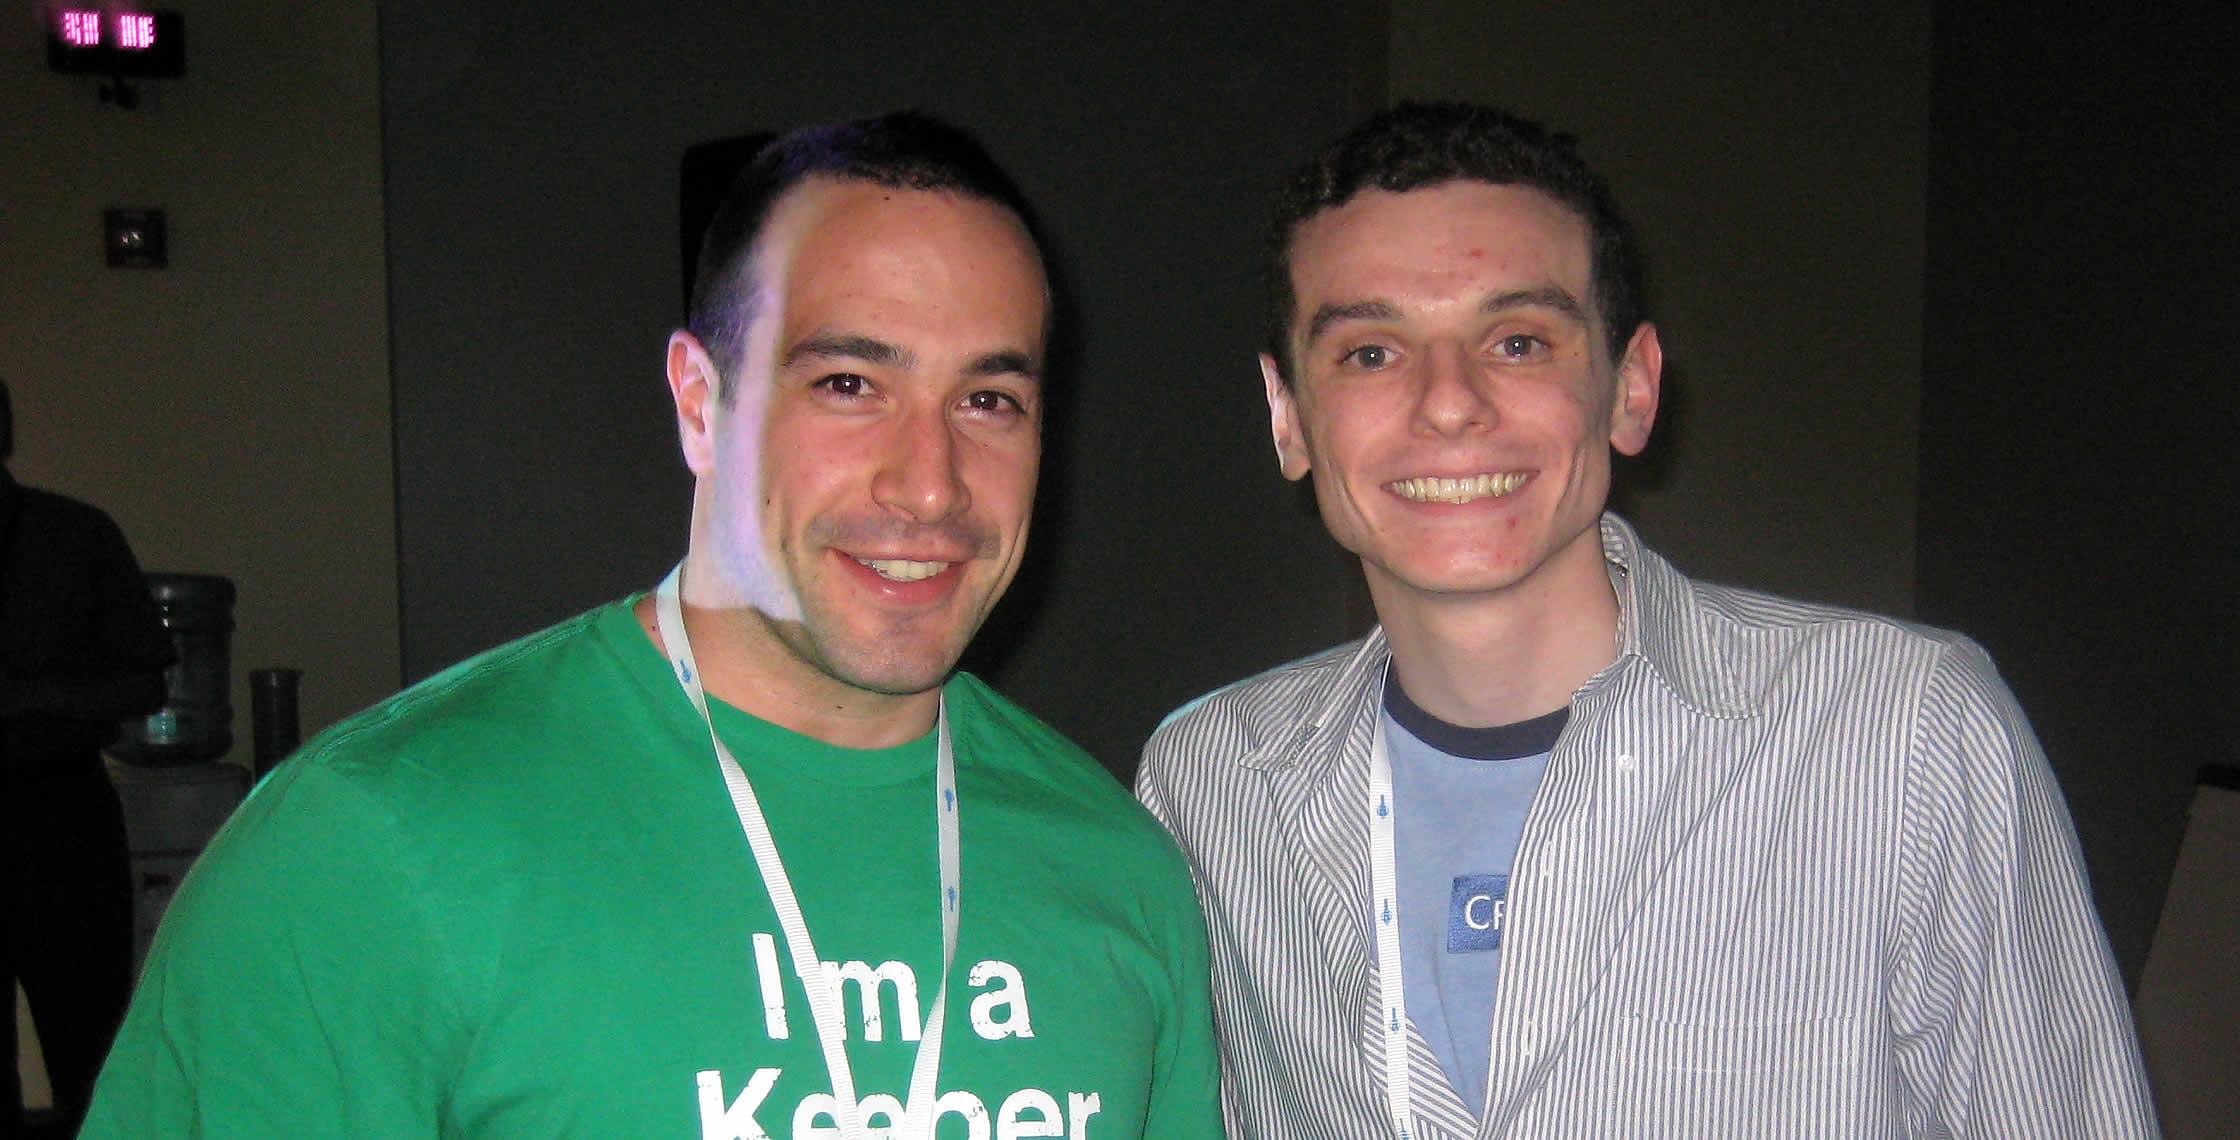 Ben Nadel at CFUNITED 2008 (Washington, D.C.) with: Elliott Sprehn